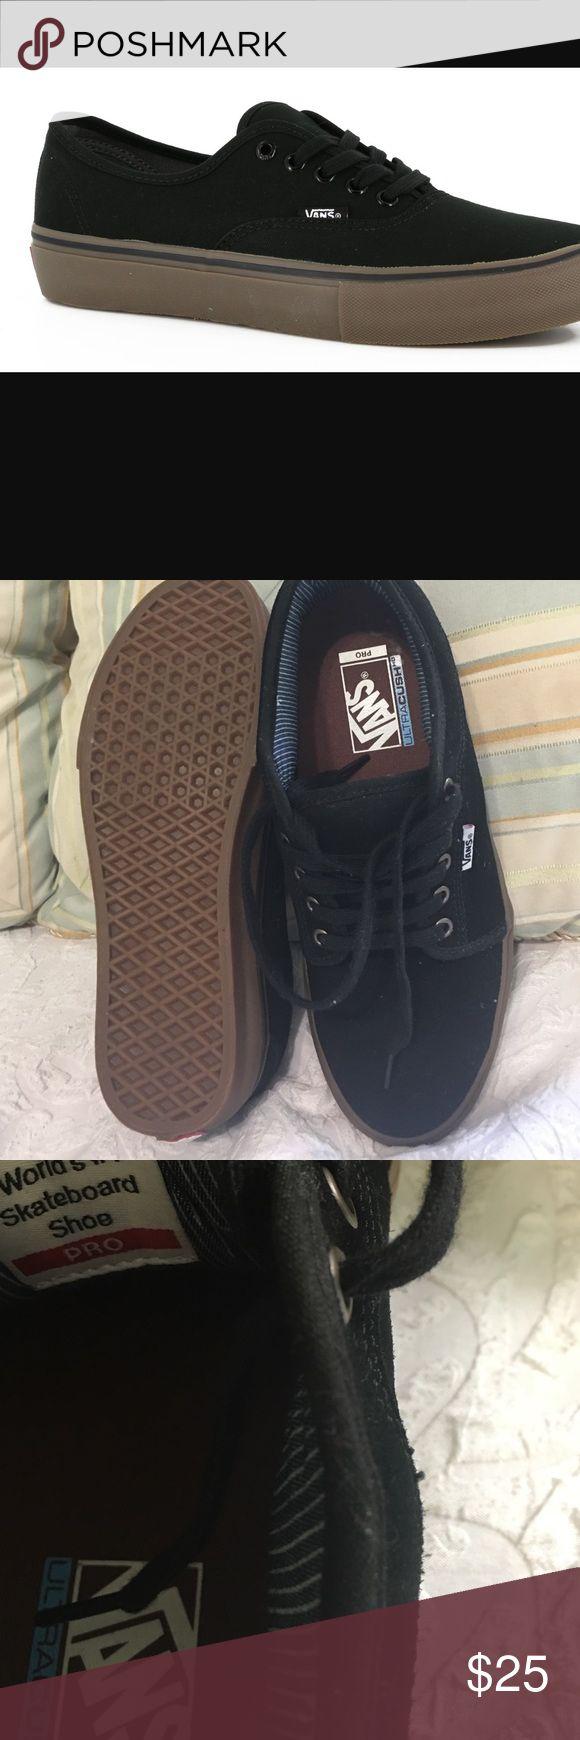 VANS authentic  PRO skate New never worn sz 9 men's ( no box) Vans Shoes Sneakers